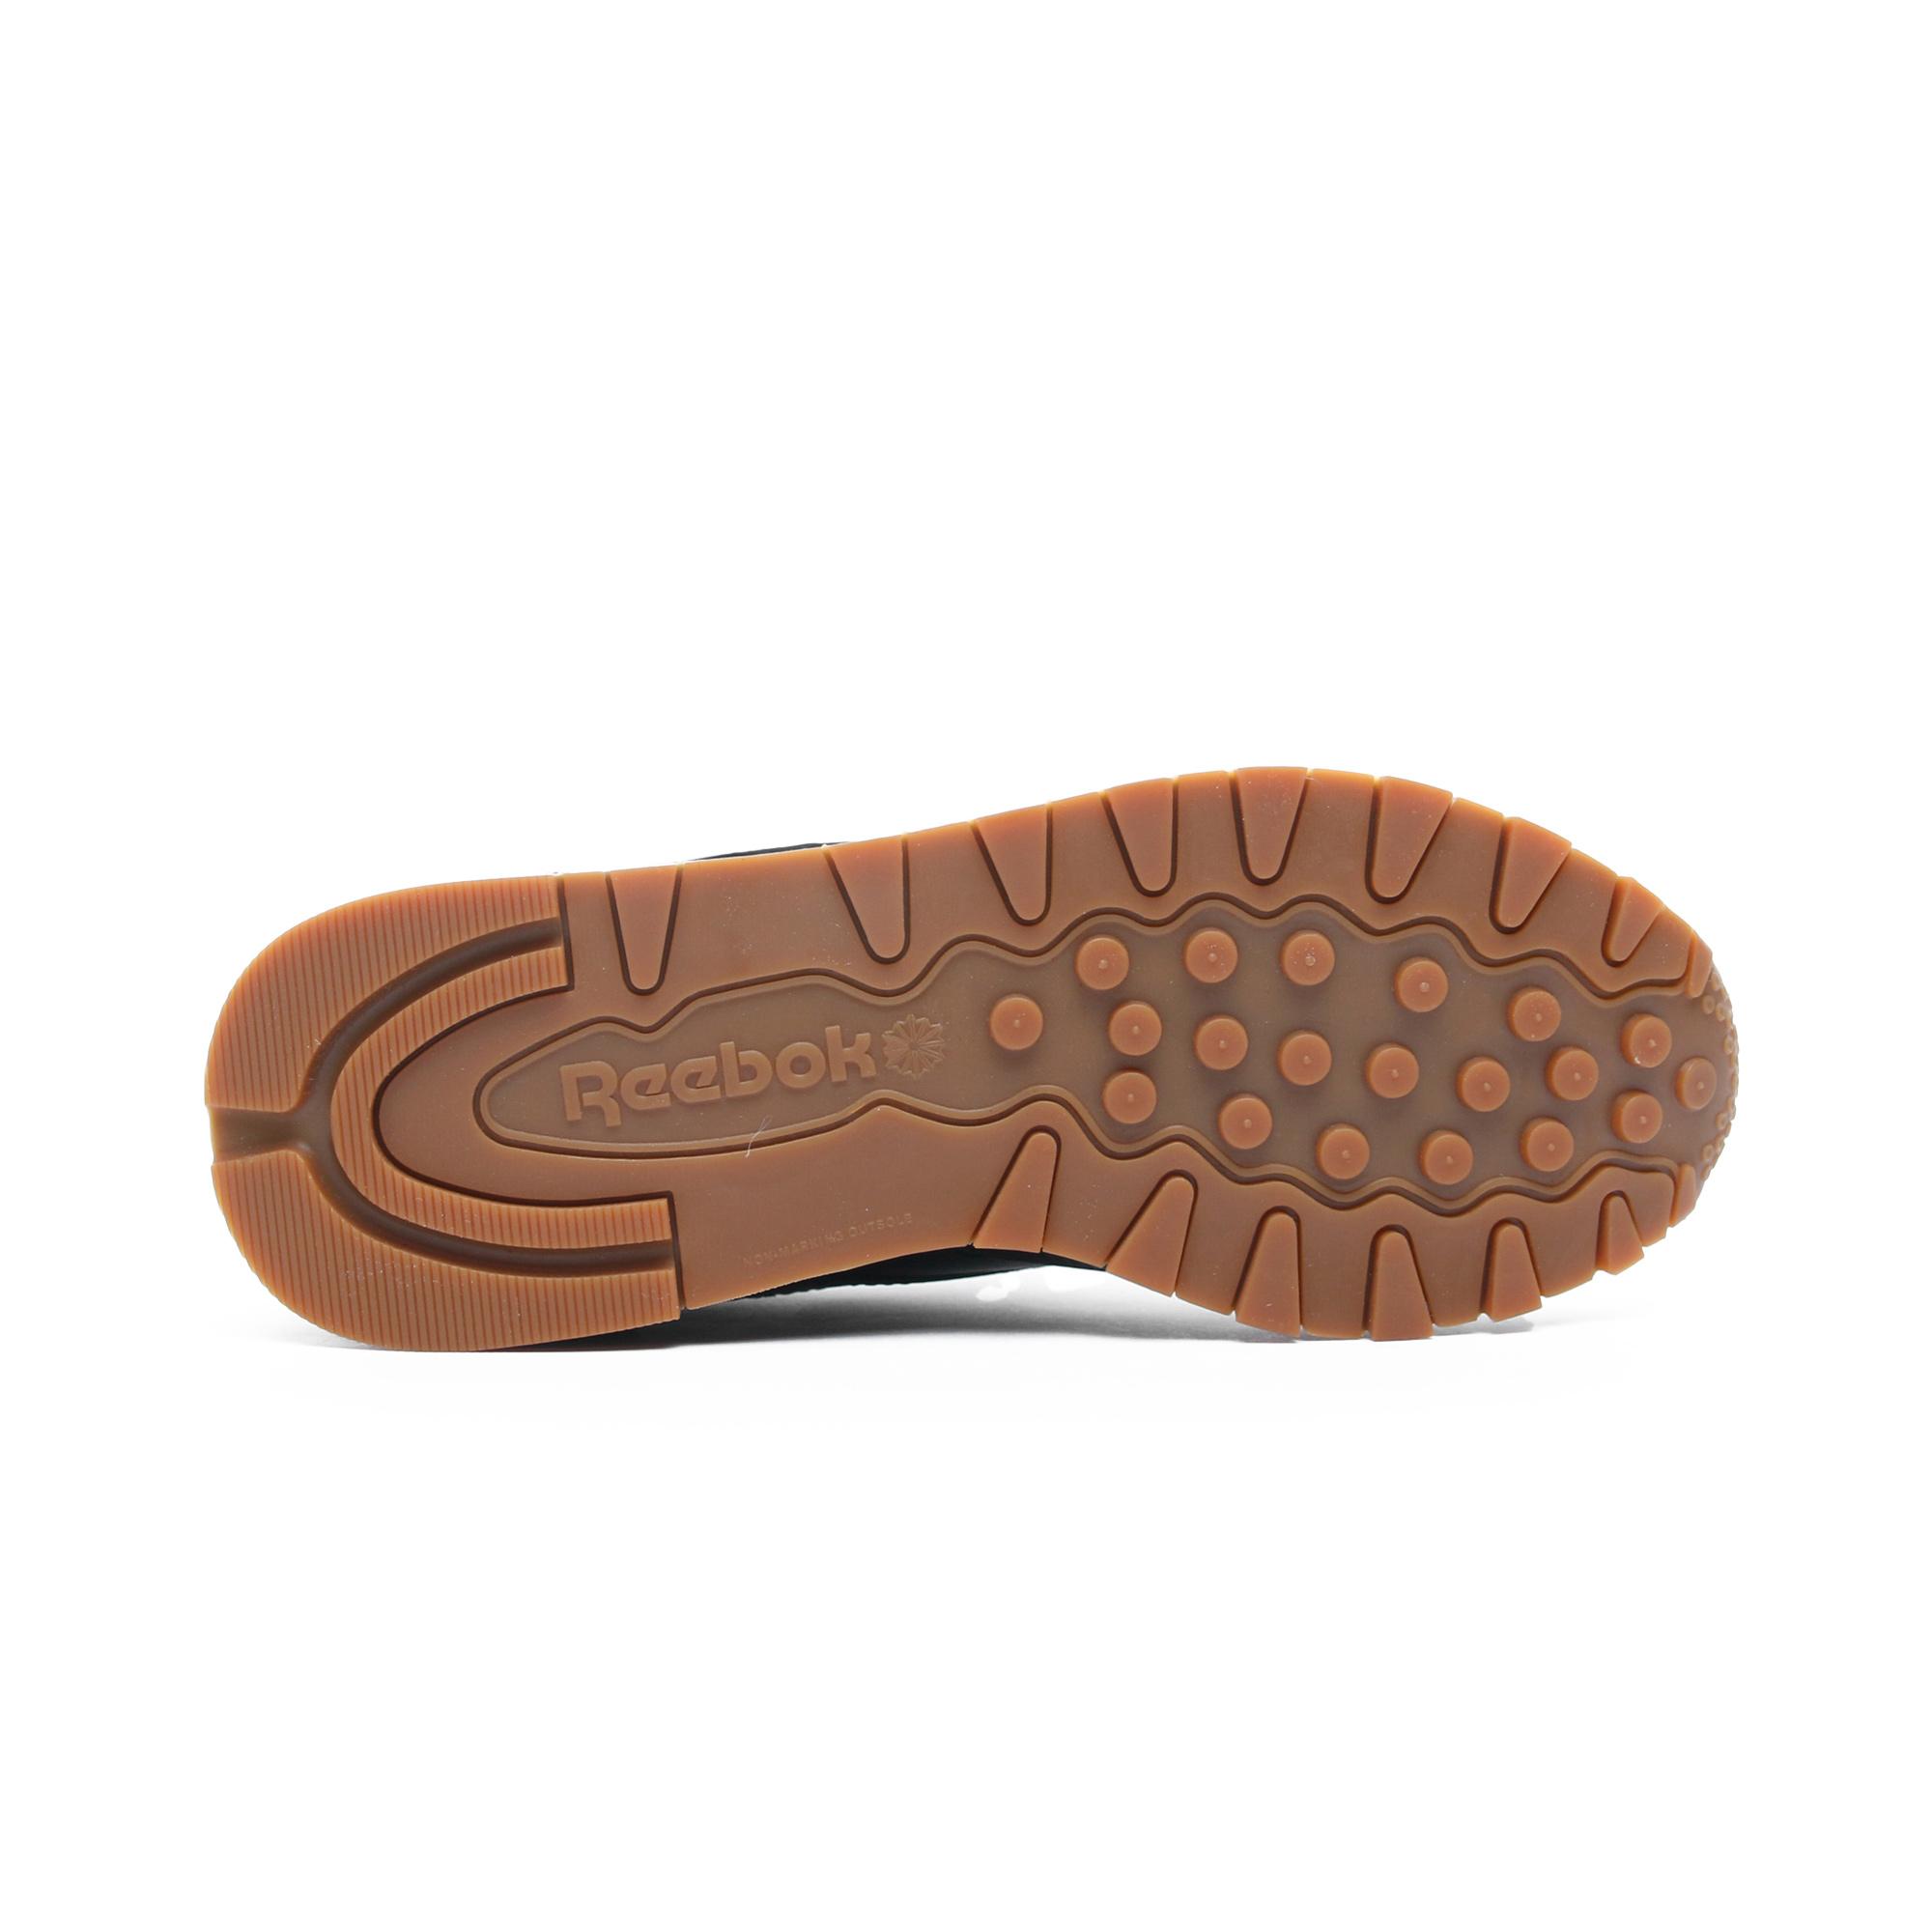 Reebok Classics Leather Kadın Siyah Spor Ayakkabı